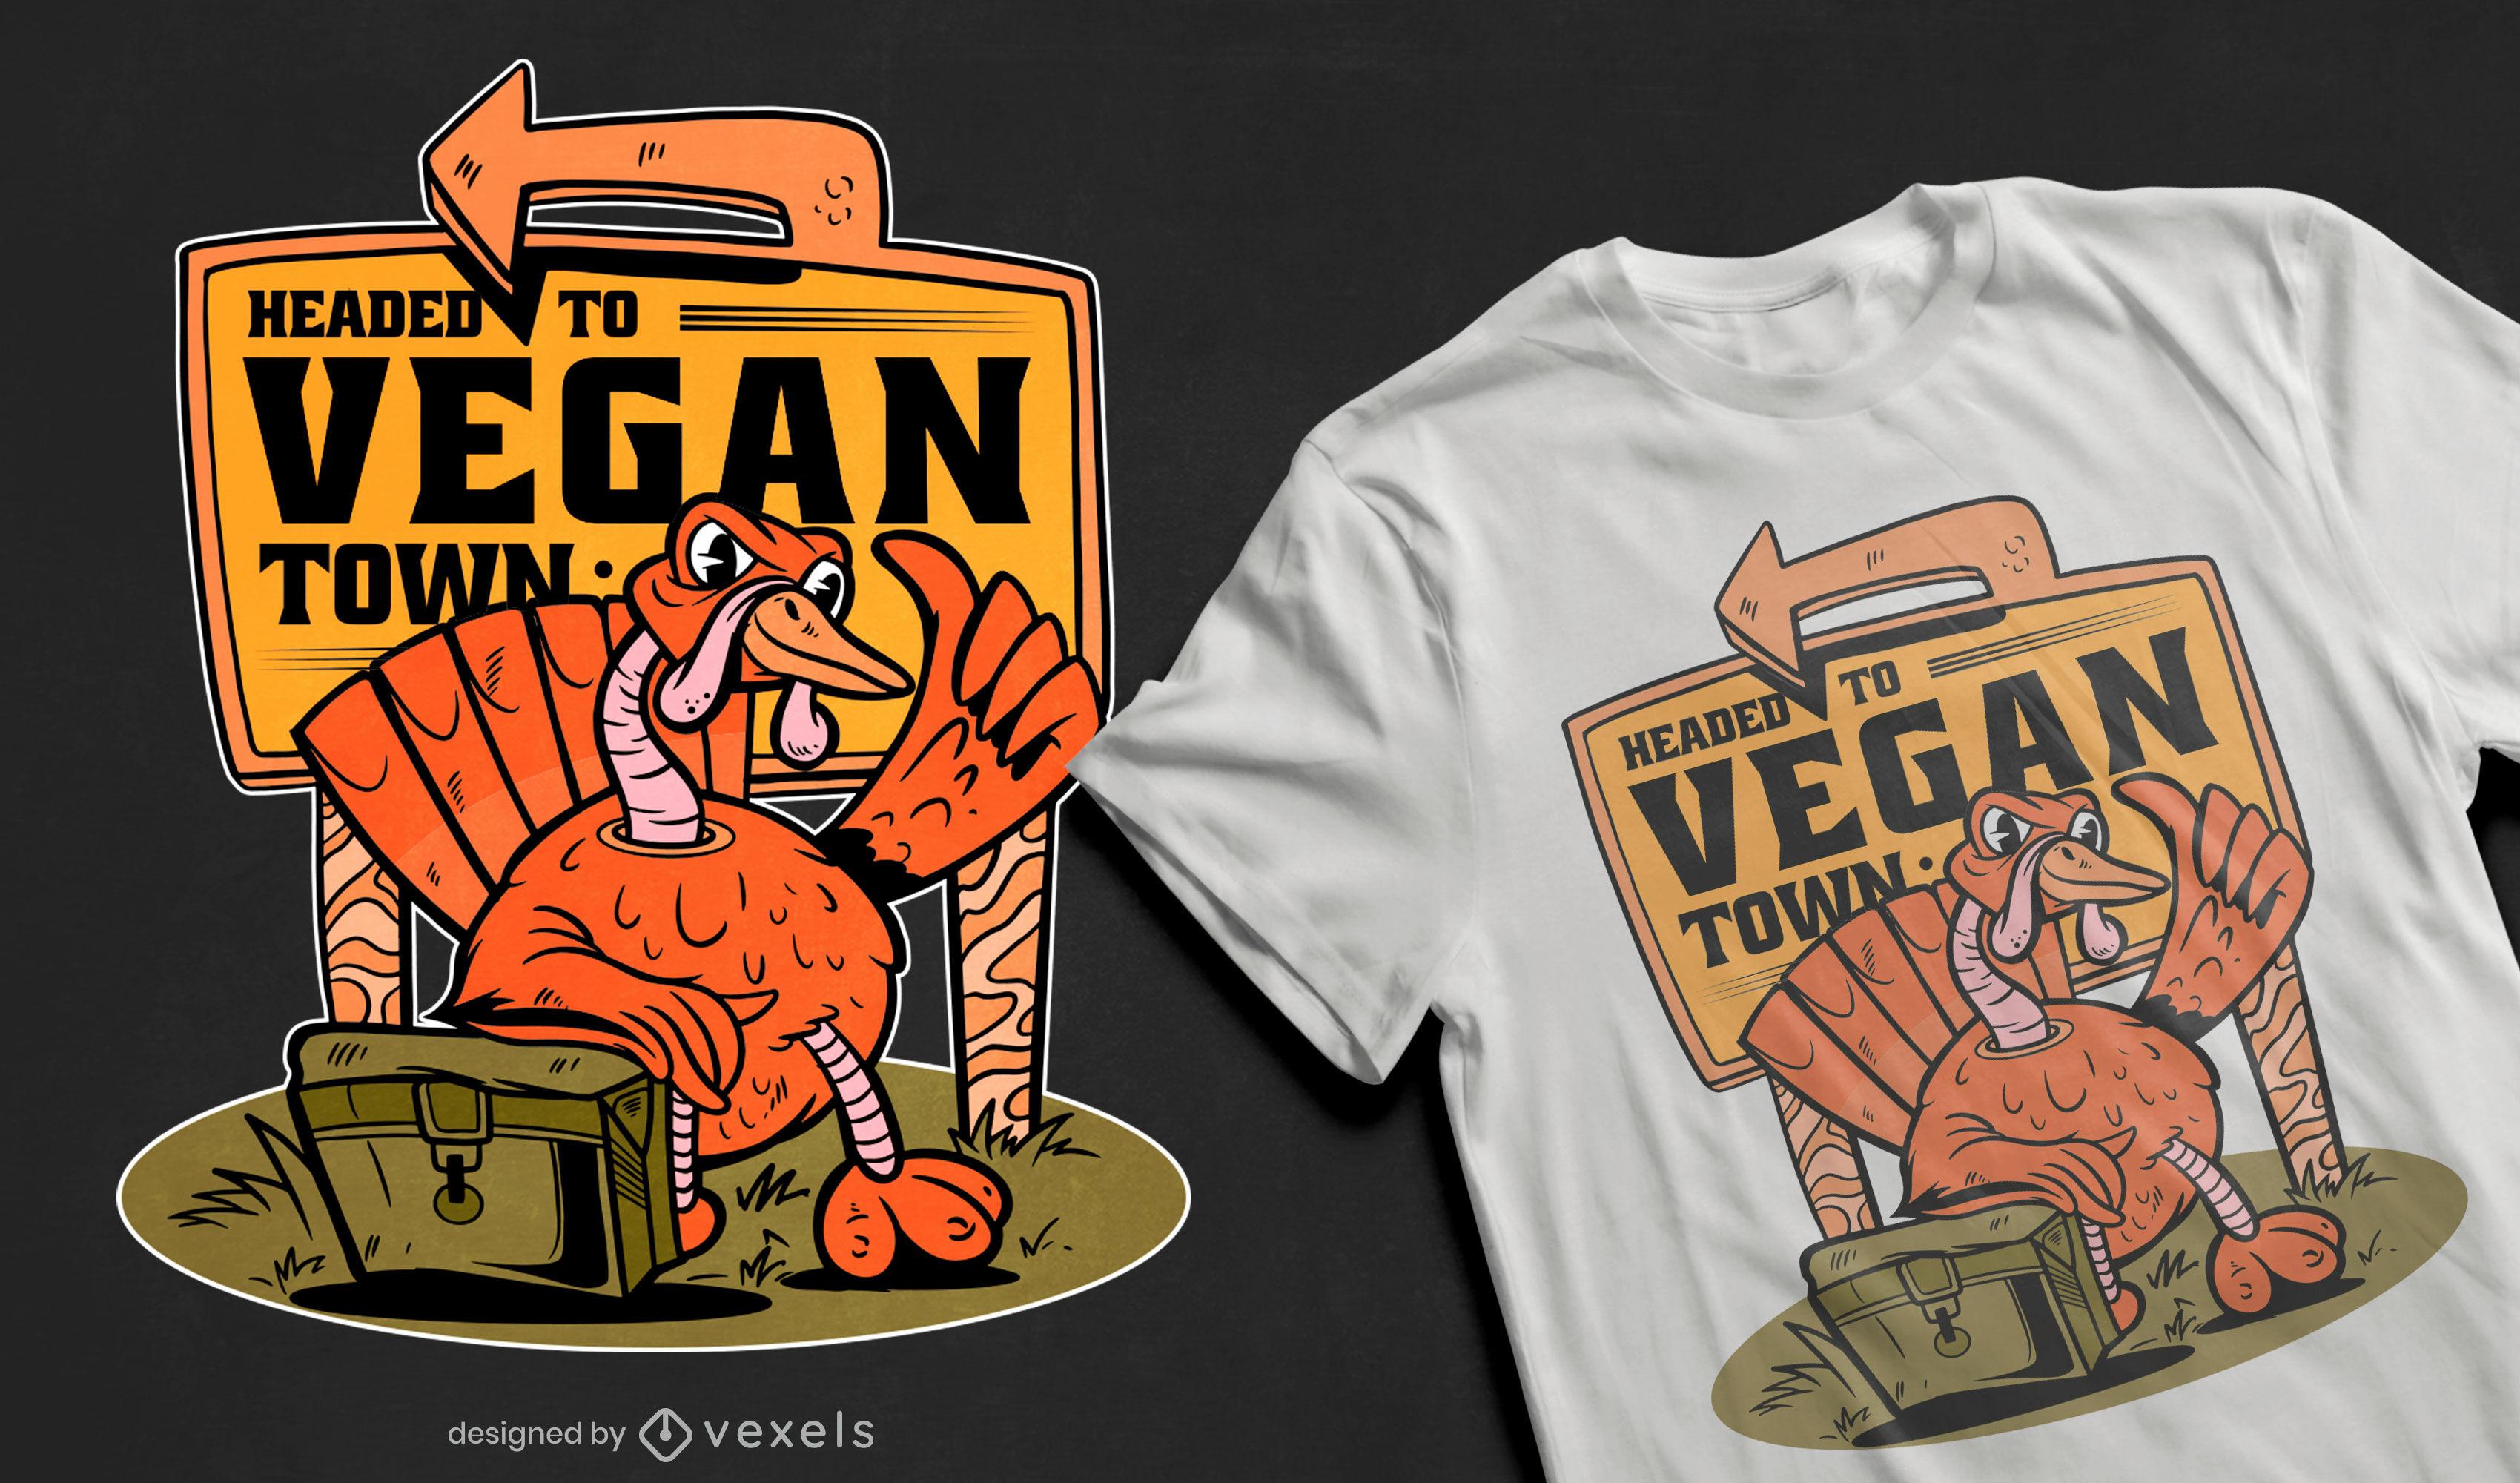 Vegan town t-shirt design